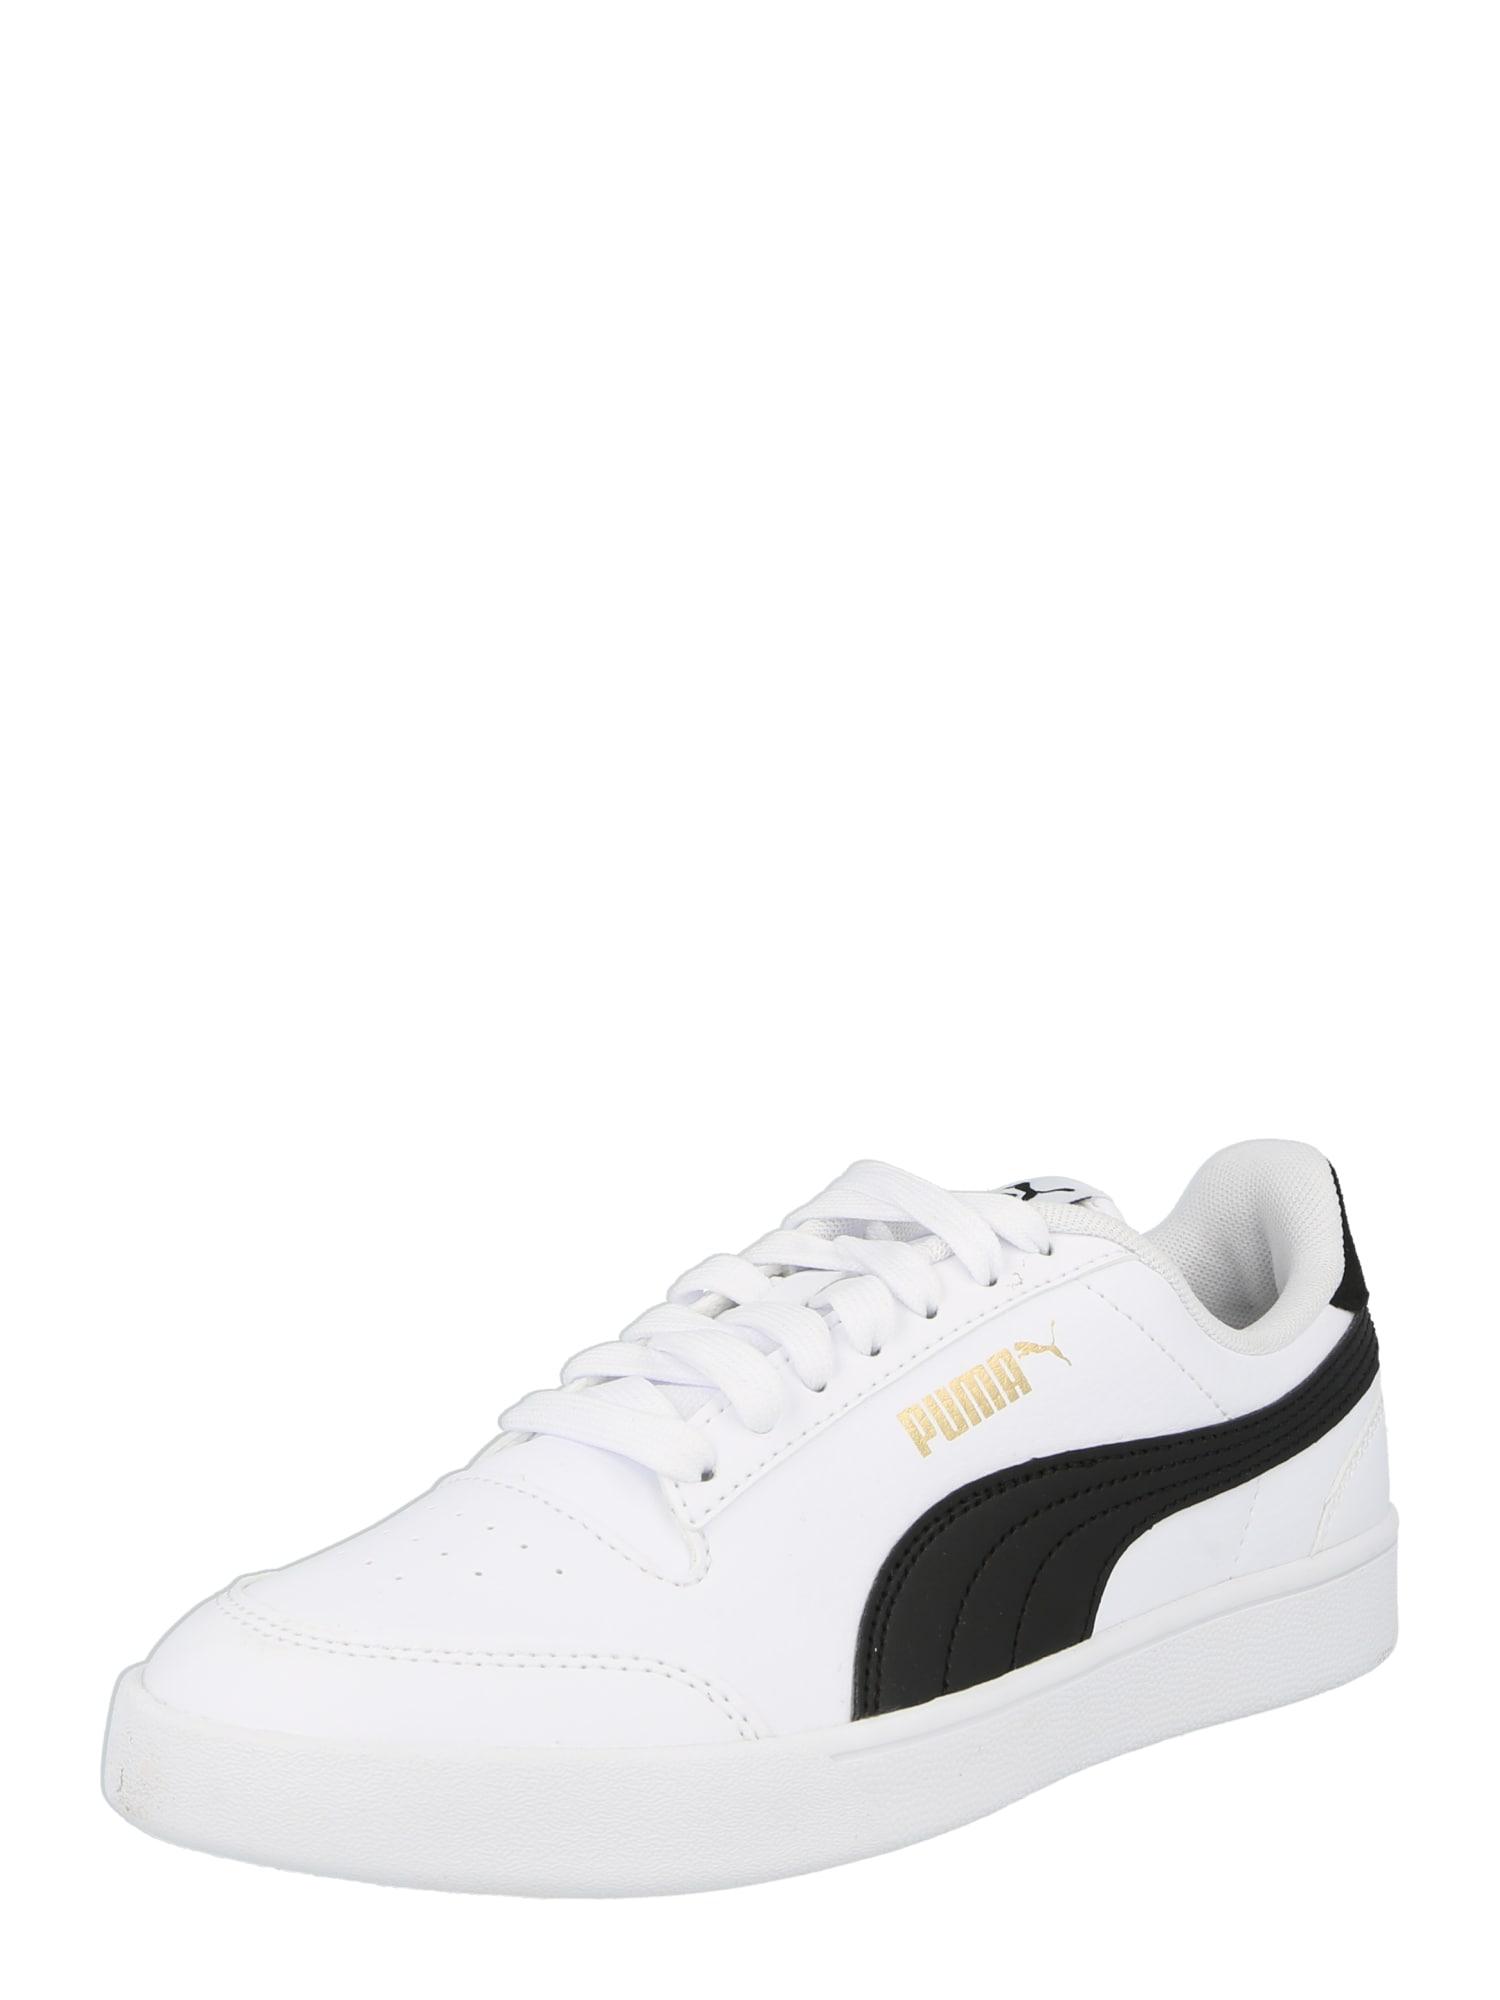 PUMA Sneaker 'Shuffle' Bianco